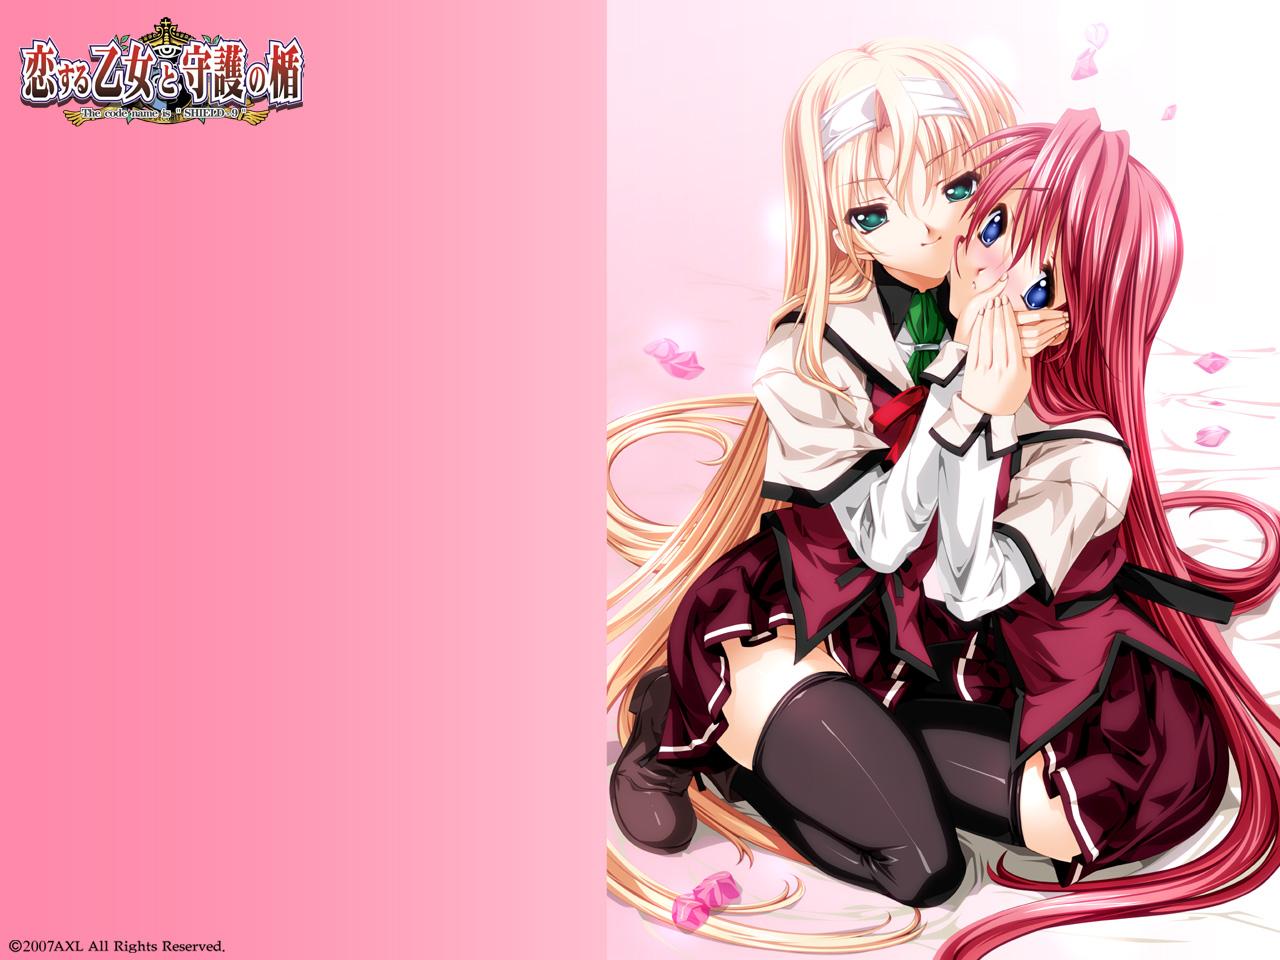 blonde_hair blue_eyes green_eyes koisuru_otome_to_shugo_no_tate long_hair male pink pink_hair school_uniform thighhighs trap yamada_taeko yukino_kasugasaki